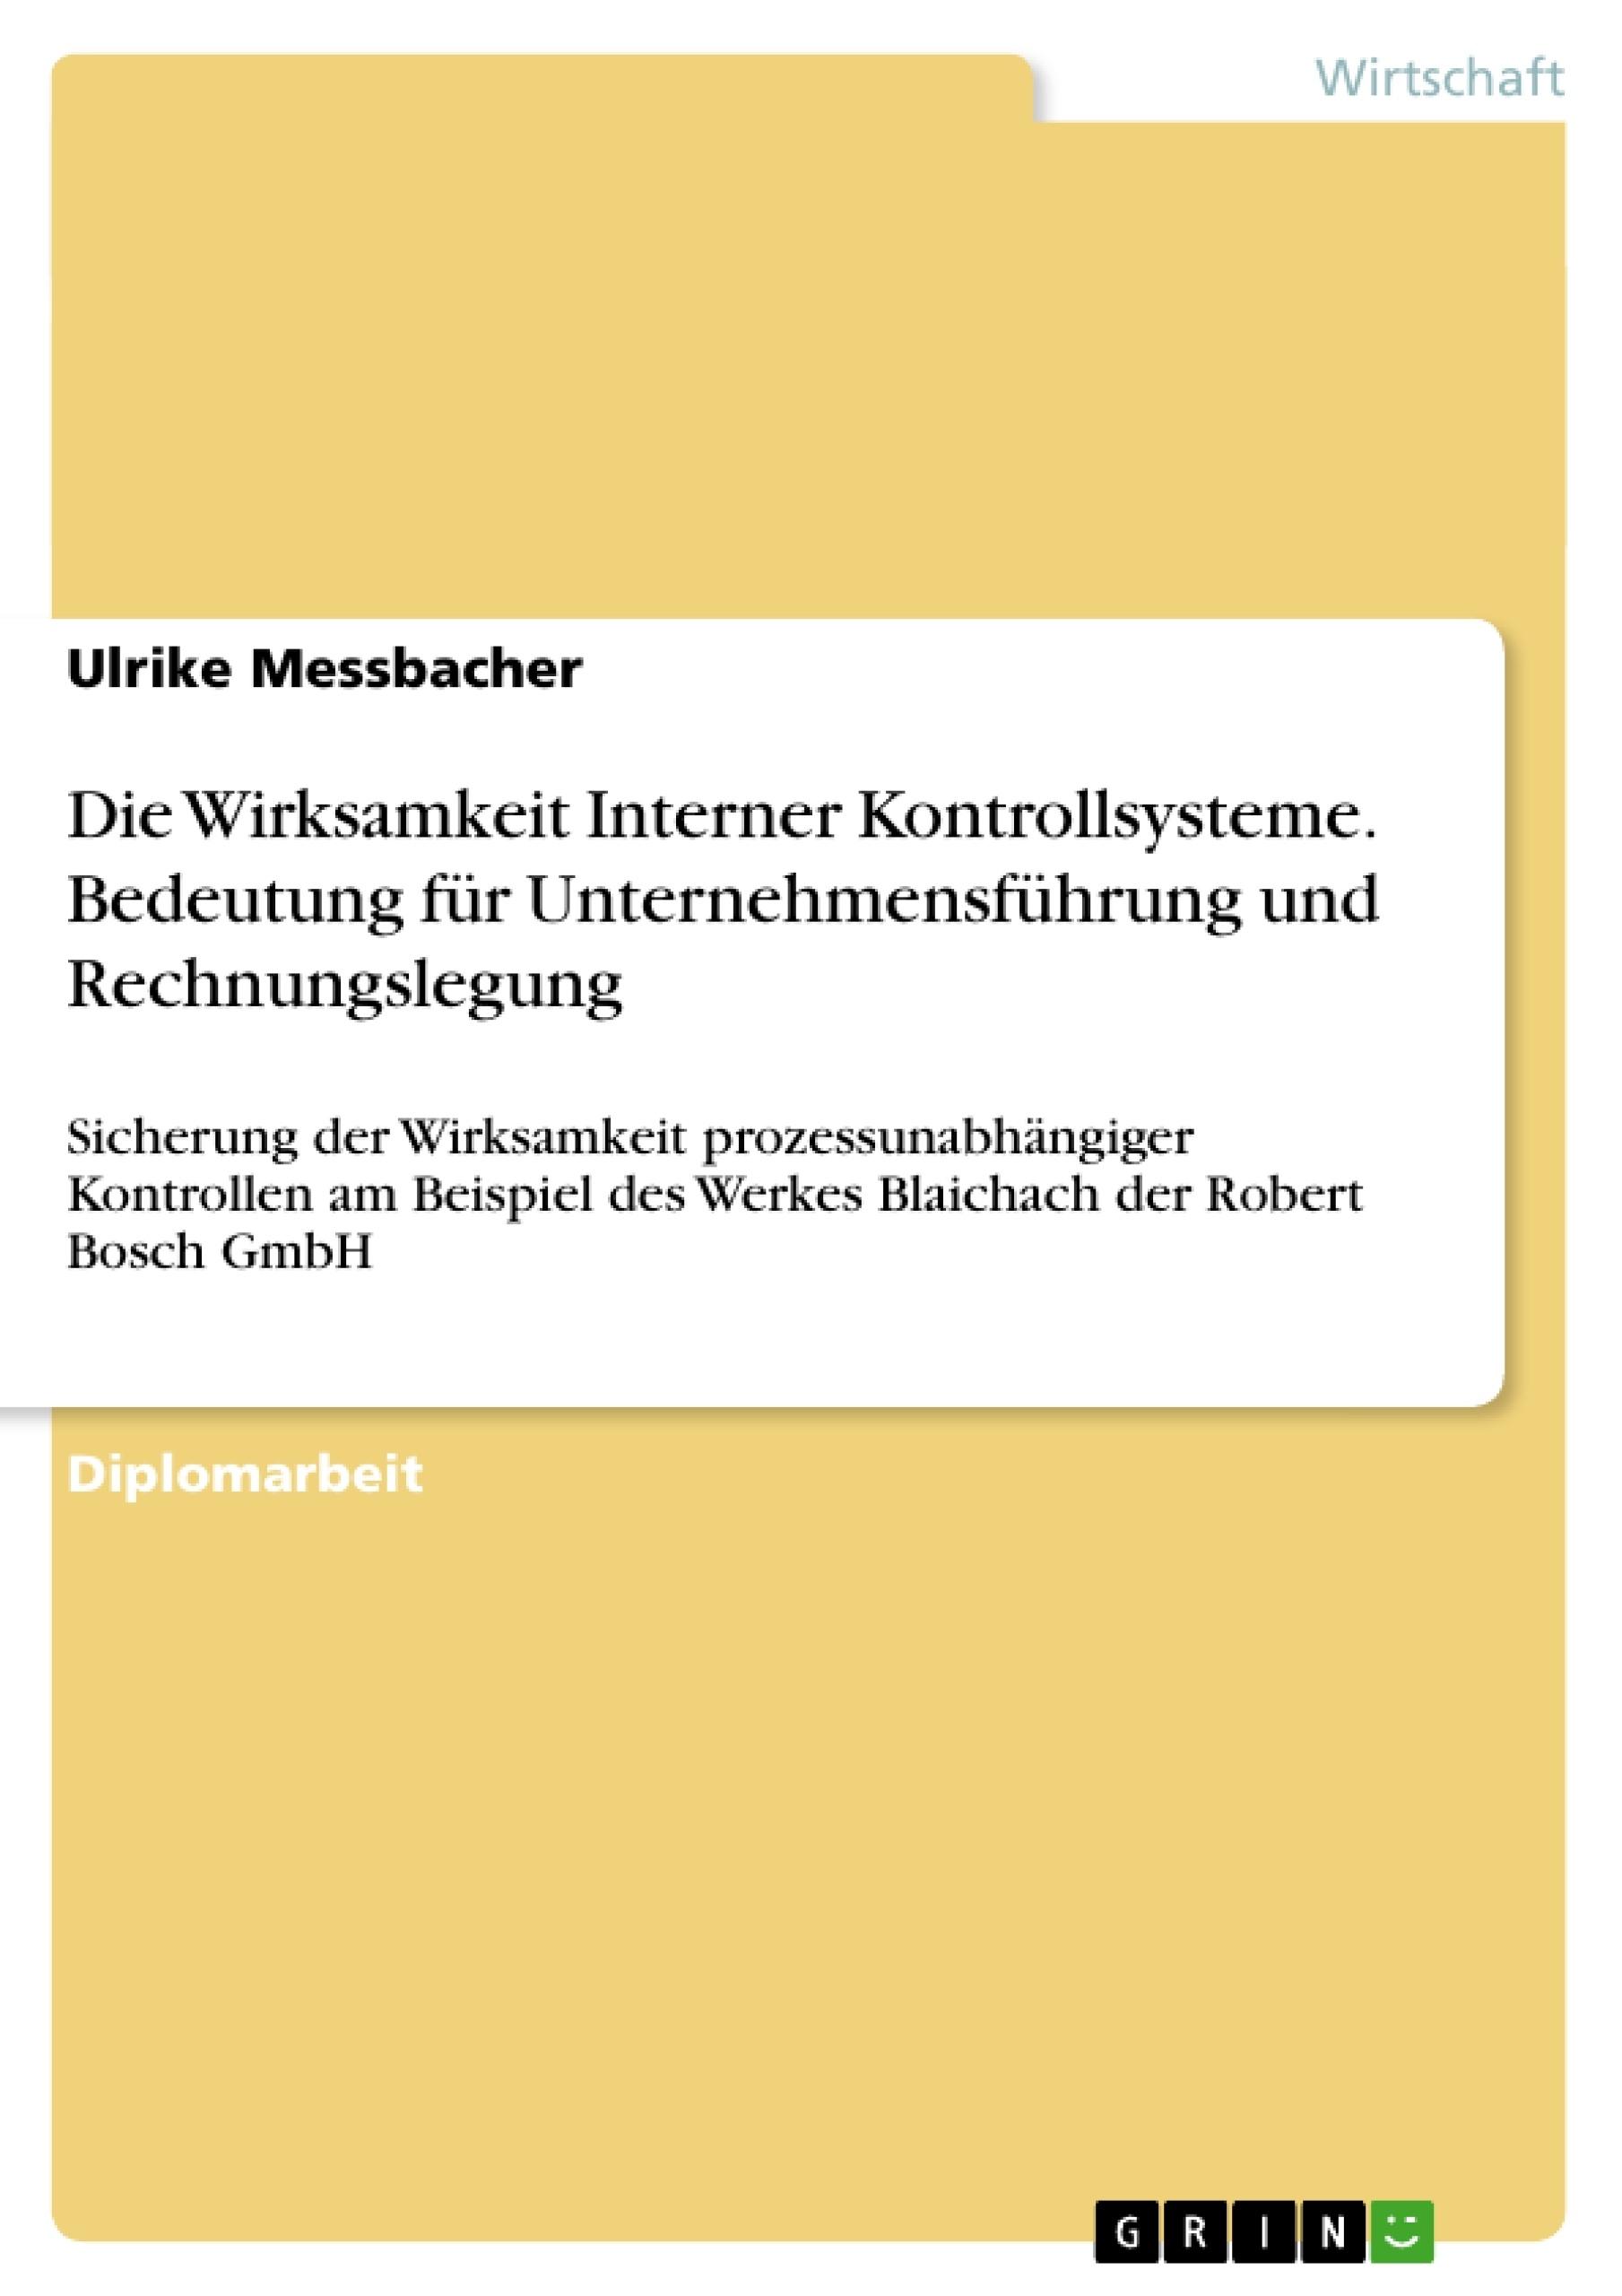 Titel: Die Wirksamkeit Interner Kontrollsysteme. Bedeutung für Unternehmensführung und Rechnungslegung